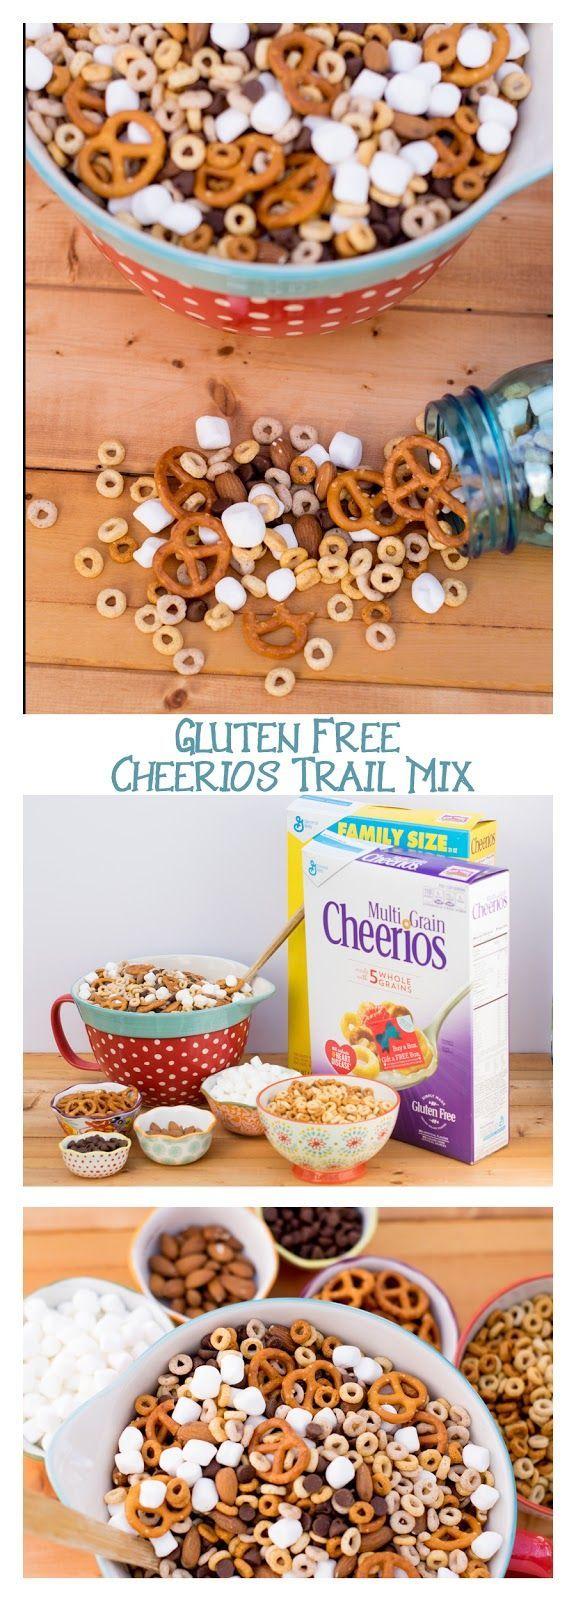 Gluten Free Cheerios Trail Mix Recipe Gluten free